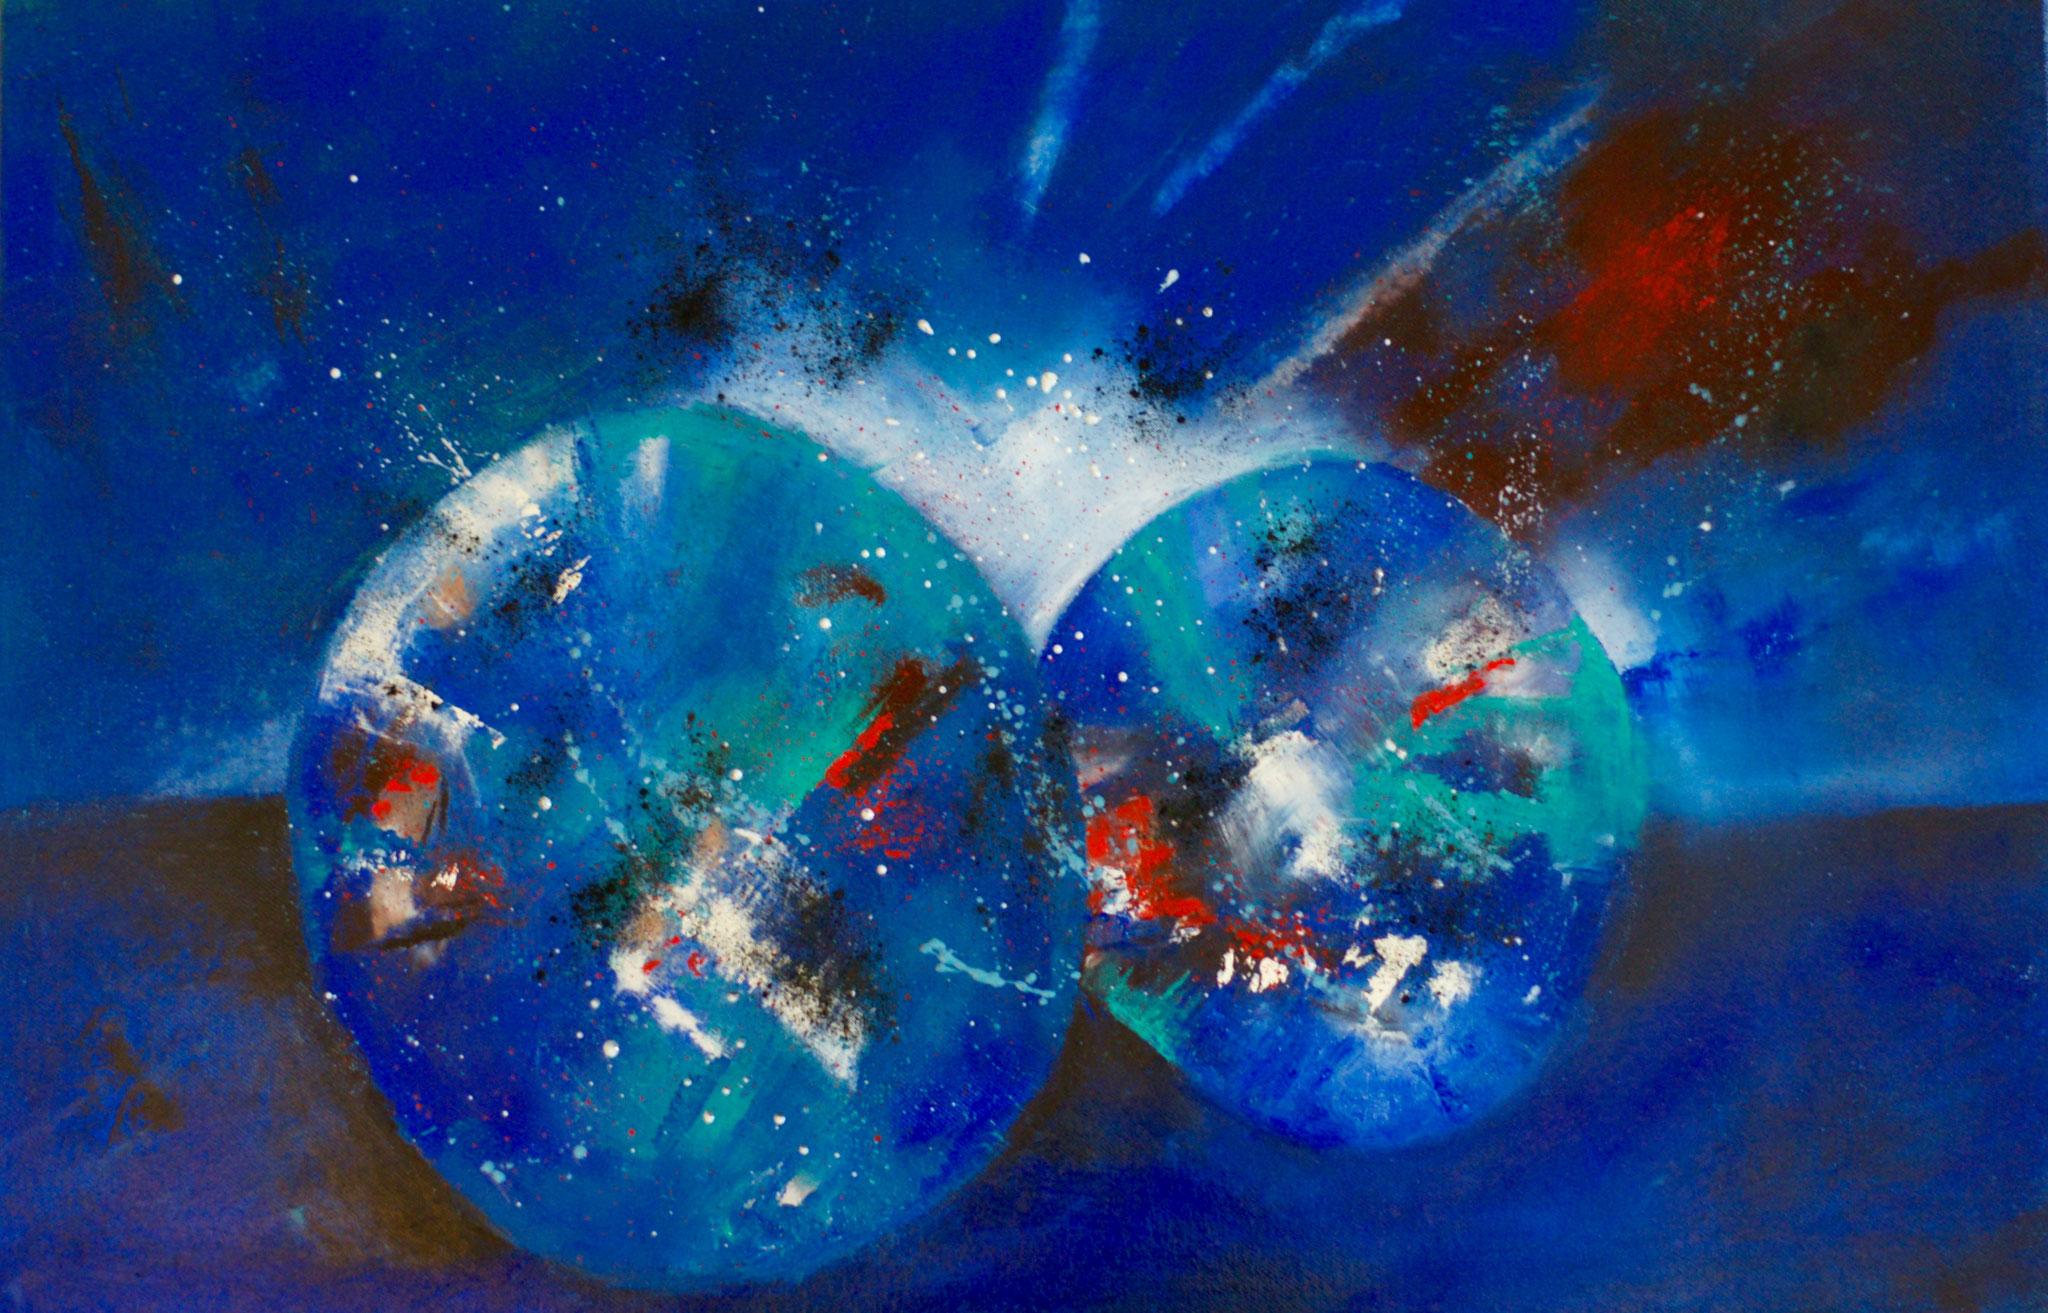 Blaue Kugel 40X60X2cm Öl auf Acryl Bild Nr.109 Preis auf Anfrage